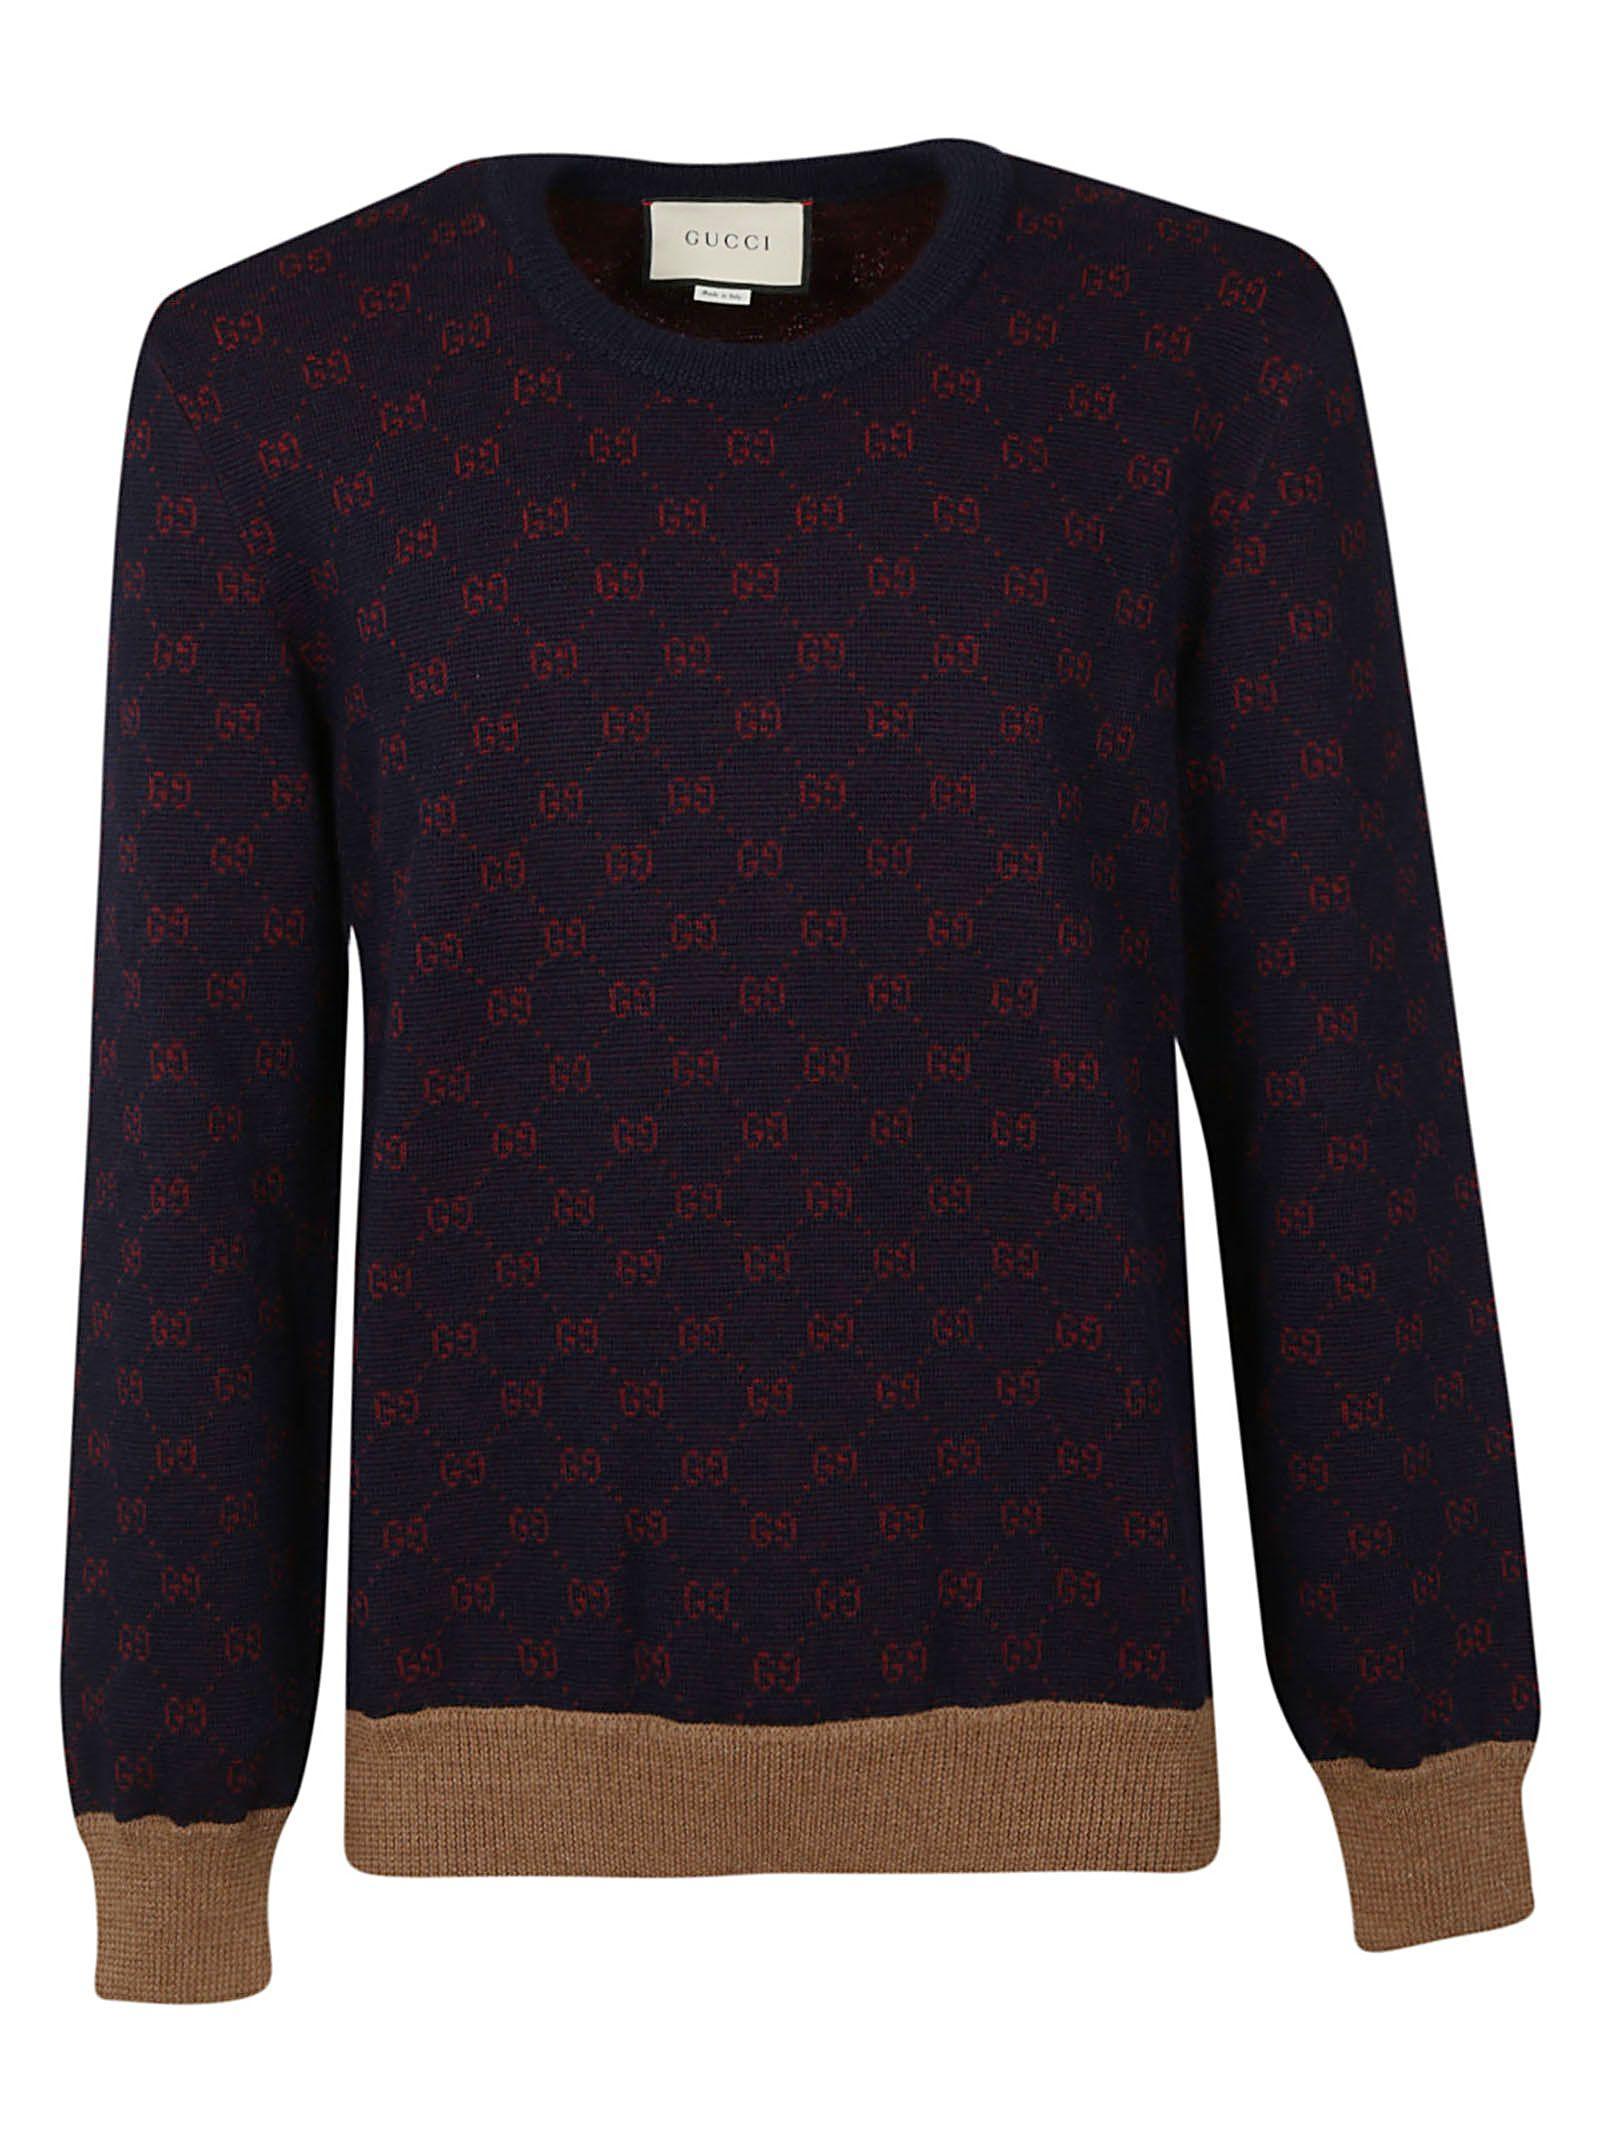 05e64a4fa Gucci Gg Jacquard Wool Sweater In Multicolor | ModeSens